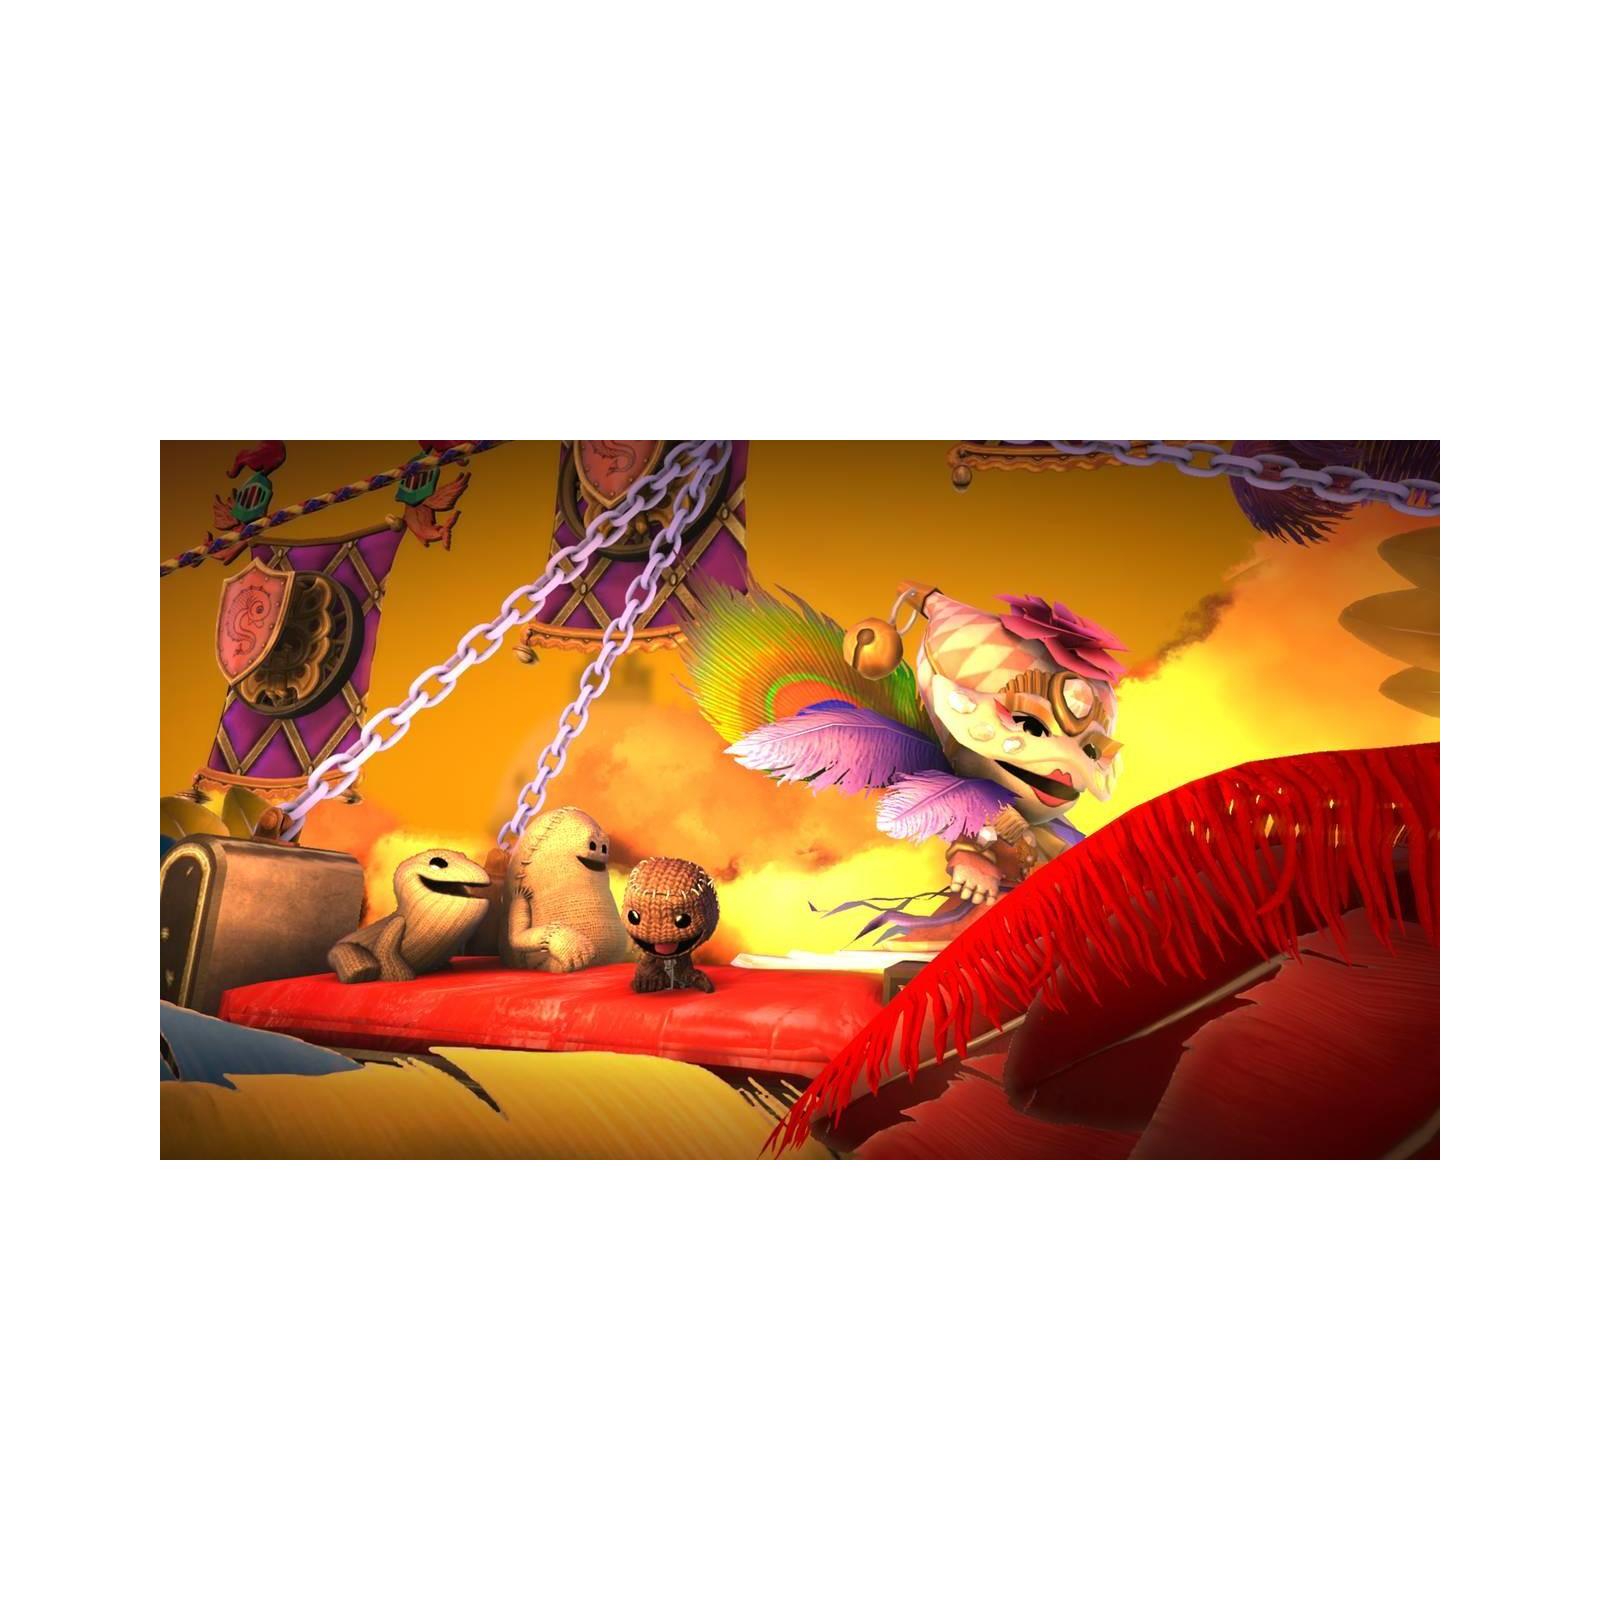 Игра SONY LittleBigPlanet3[PS4,Russianversion]Blu-ray диск (9424871) изображение 3